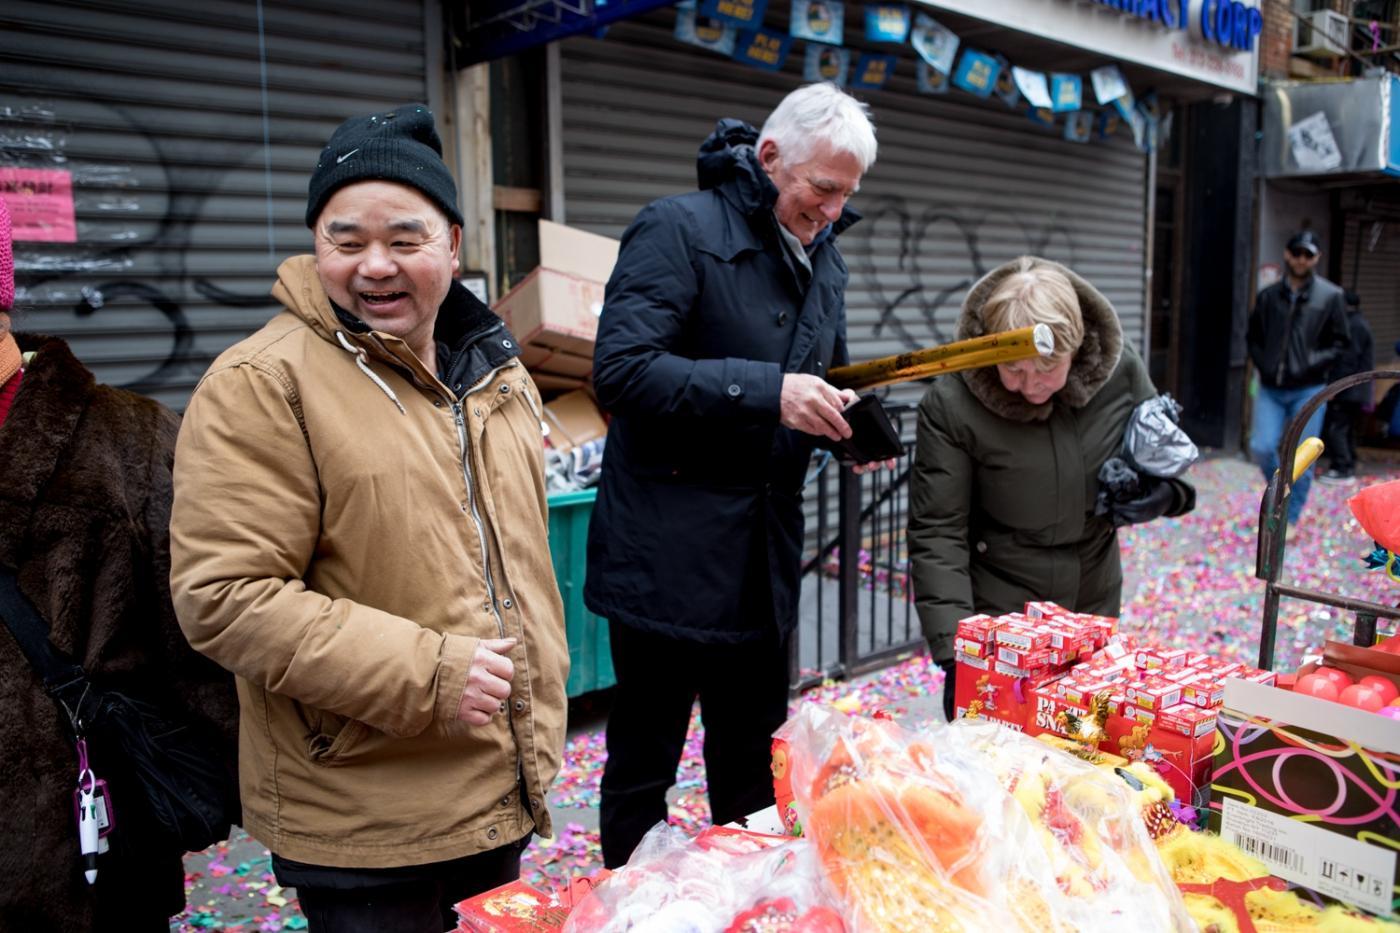 美國春節好熱鬧    ----紐約曼哈頓唐人街大年初一 20170128_图1-4